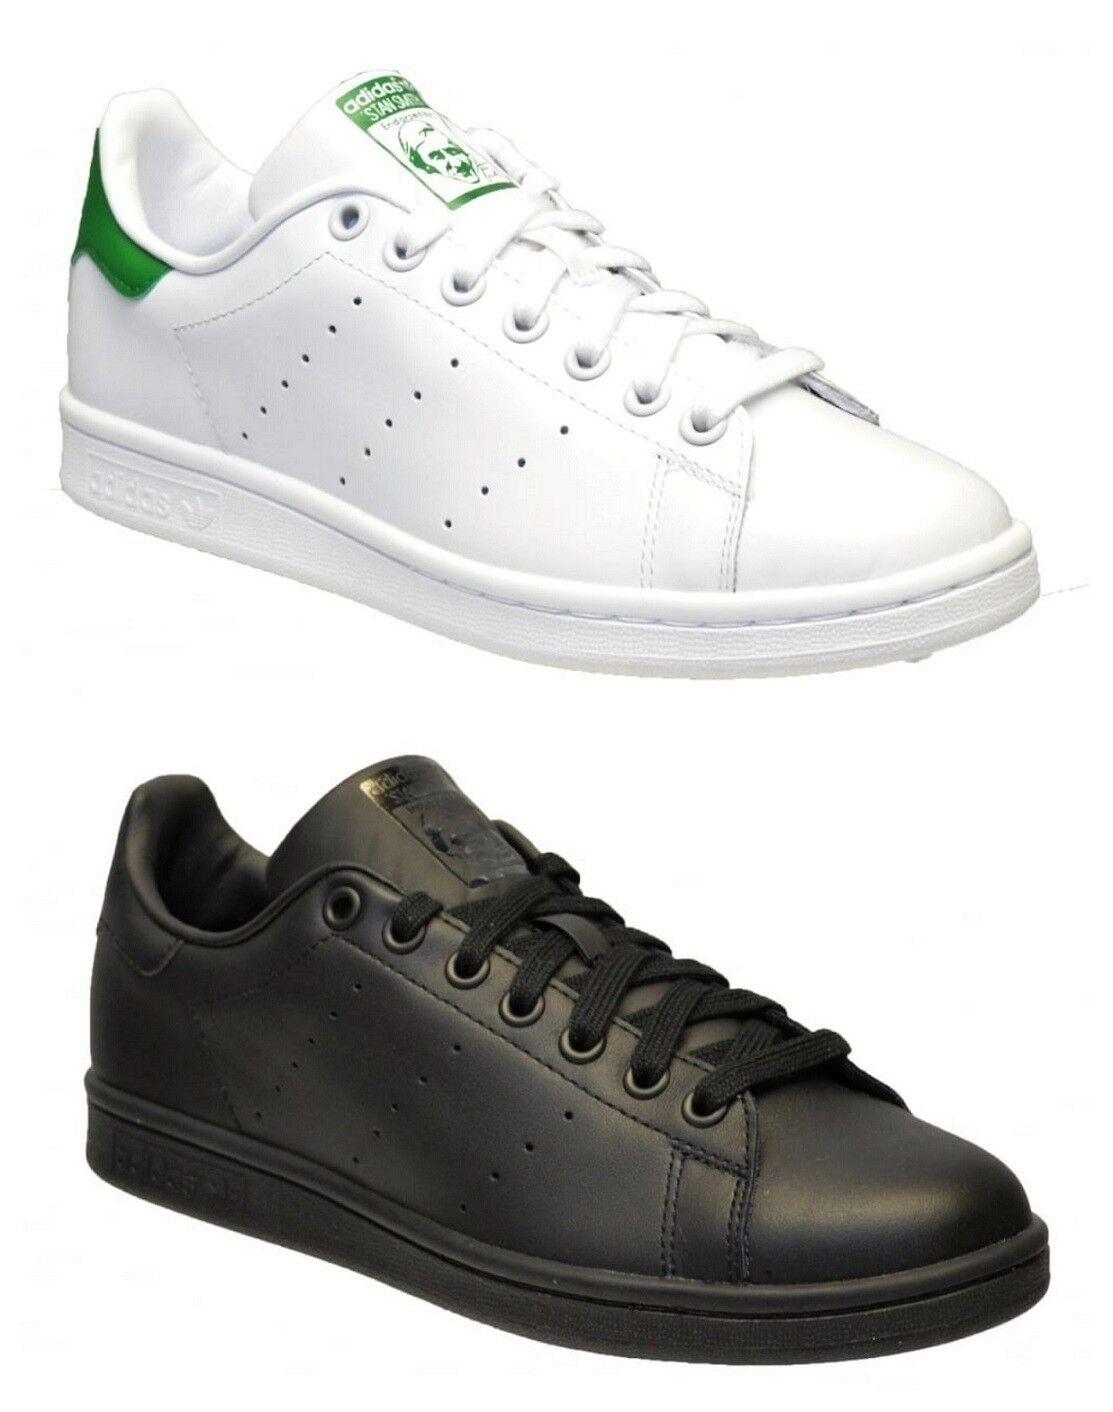 adidas Originals Superstar Schuhe Sneaker Turnschuhe Blau BB4876